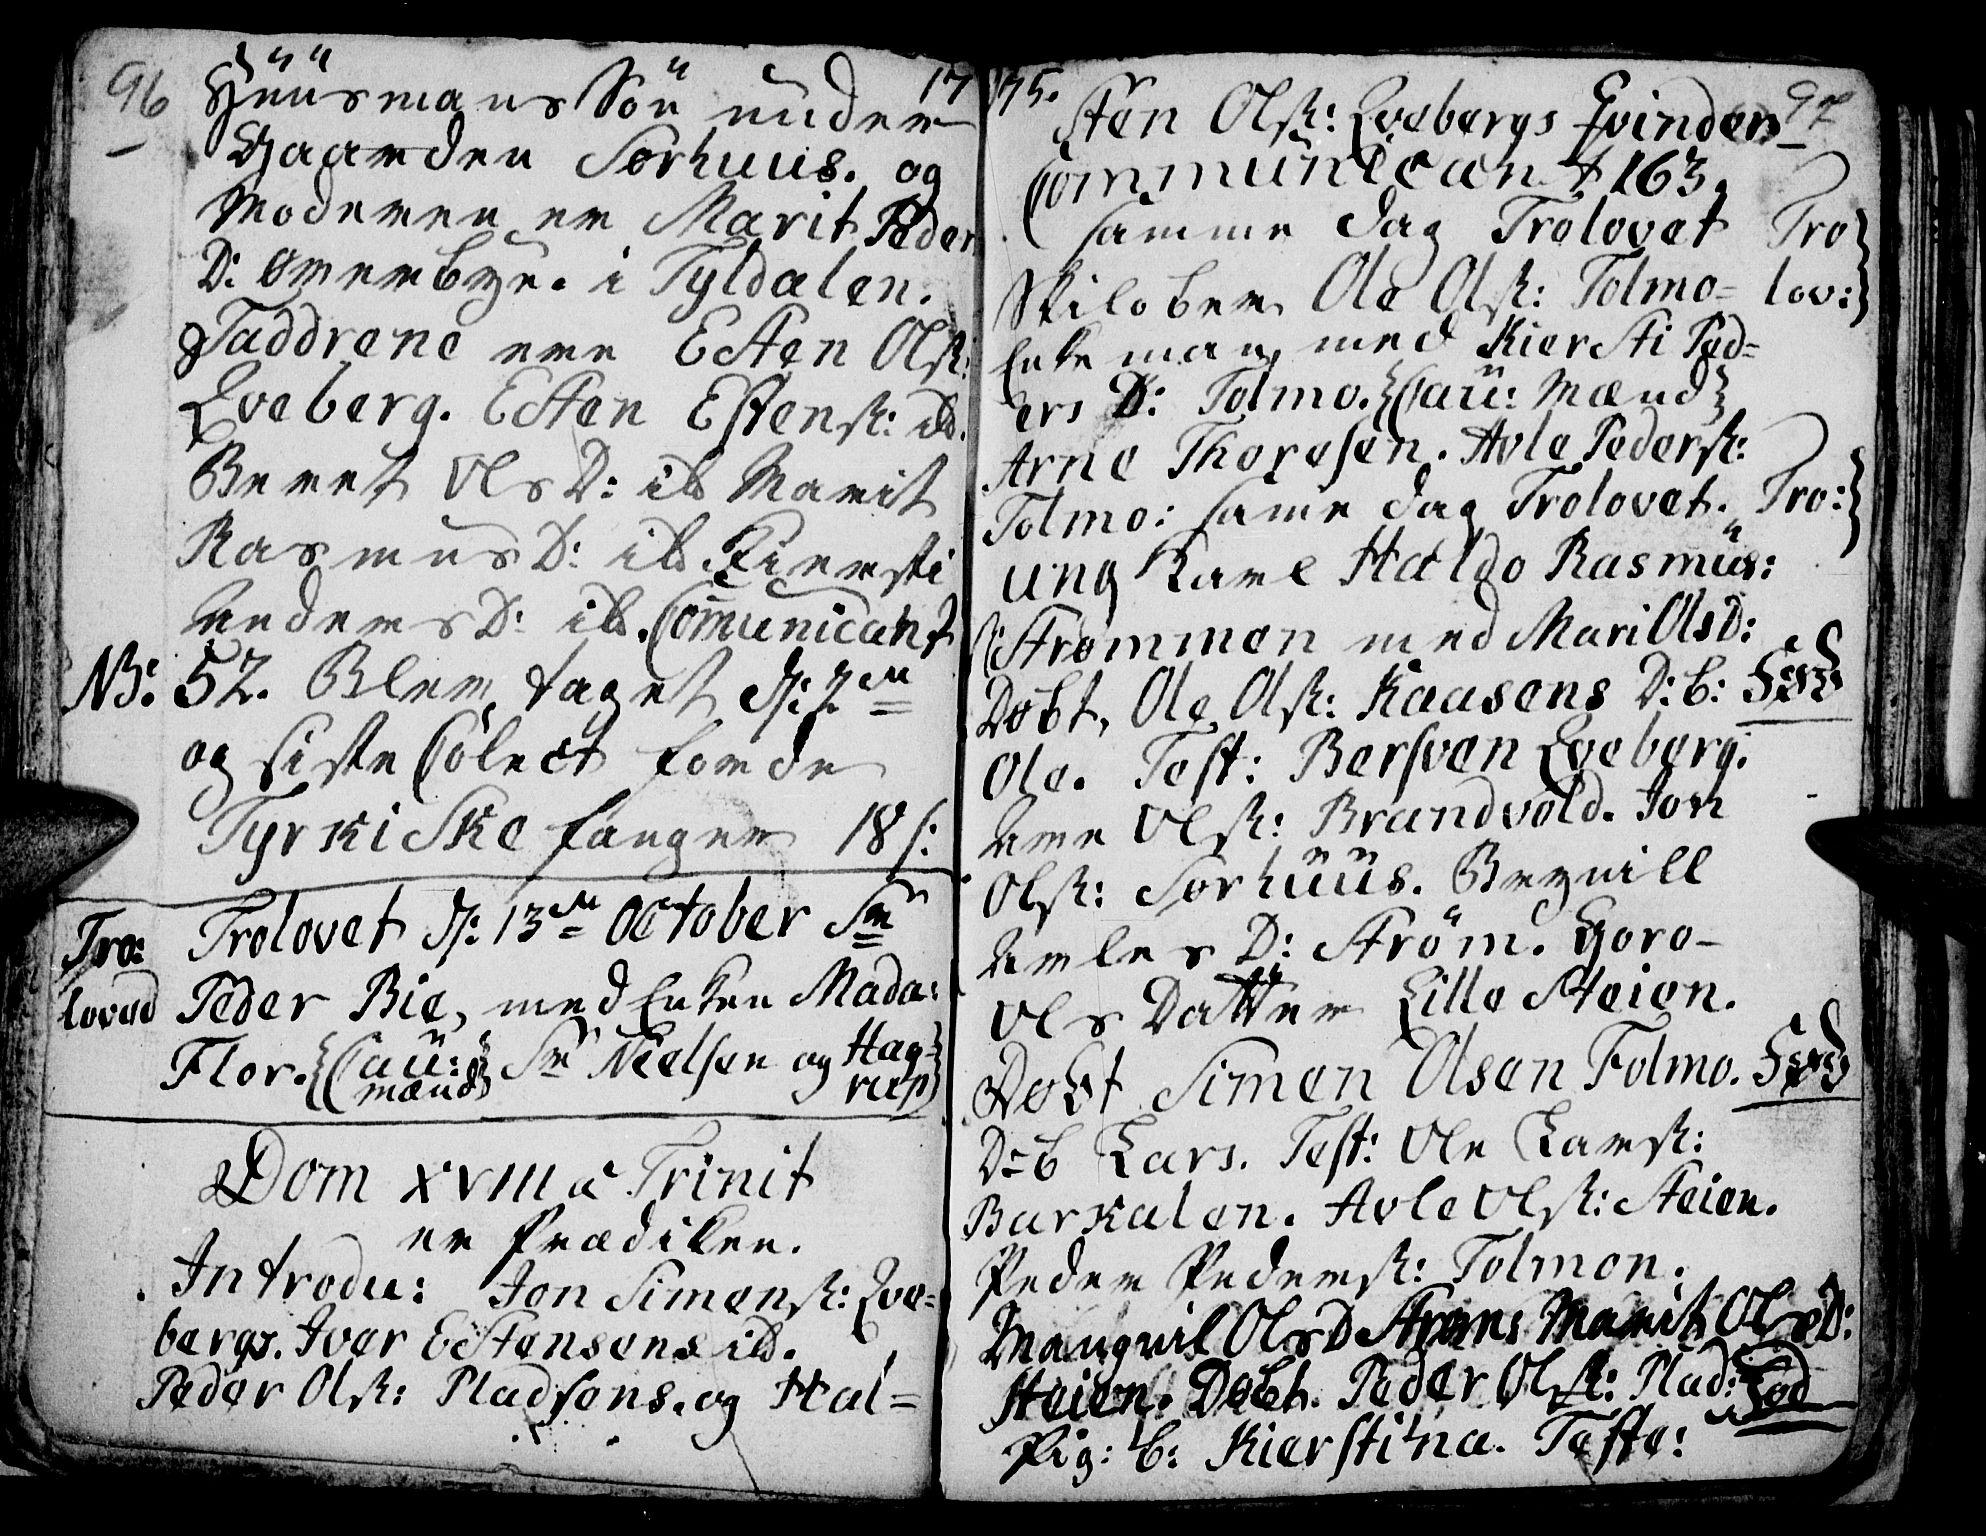 SAH, Tynset prestekontor, Parish register (official) no. 9, 1769-1781, p. 96-97